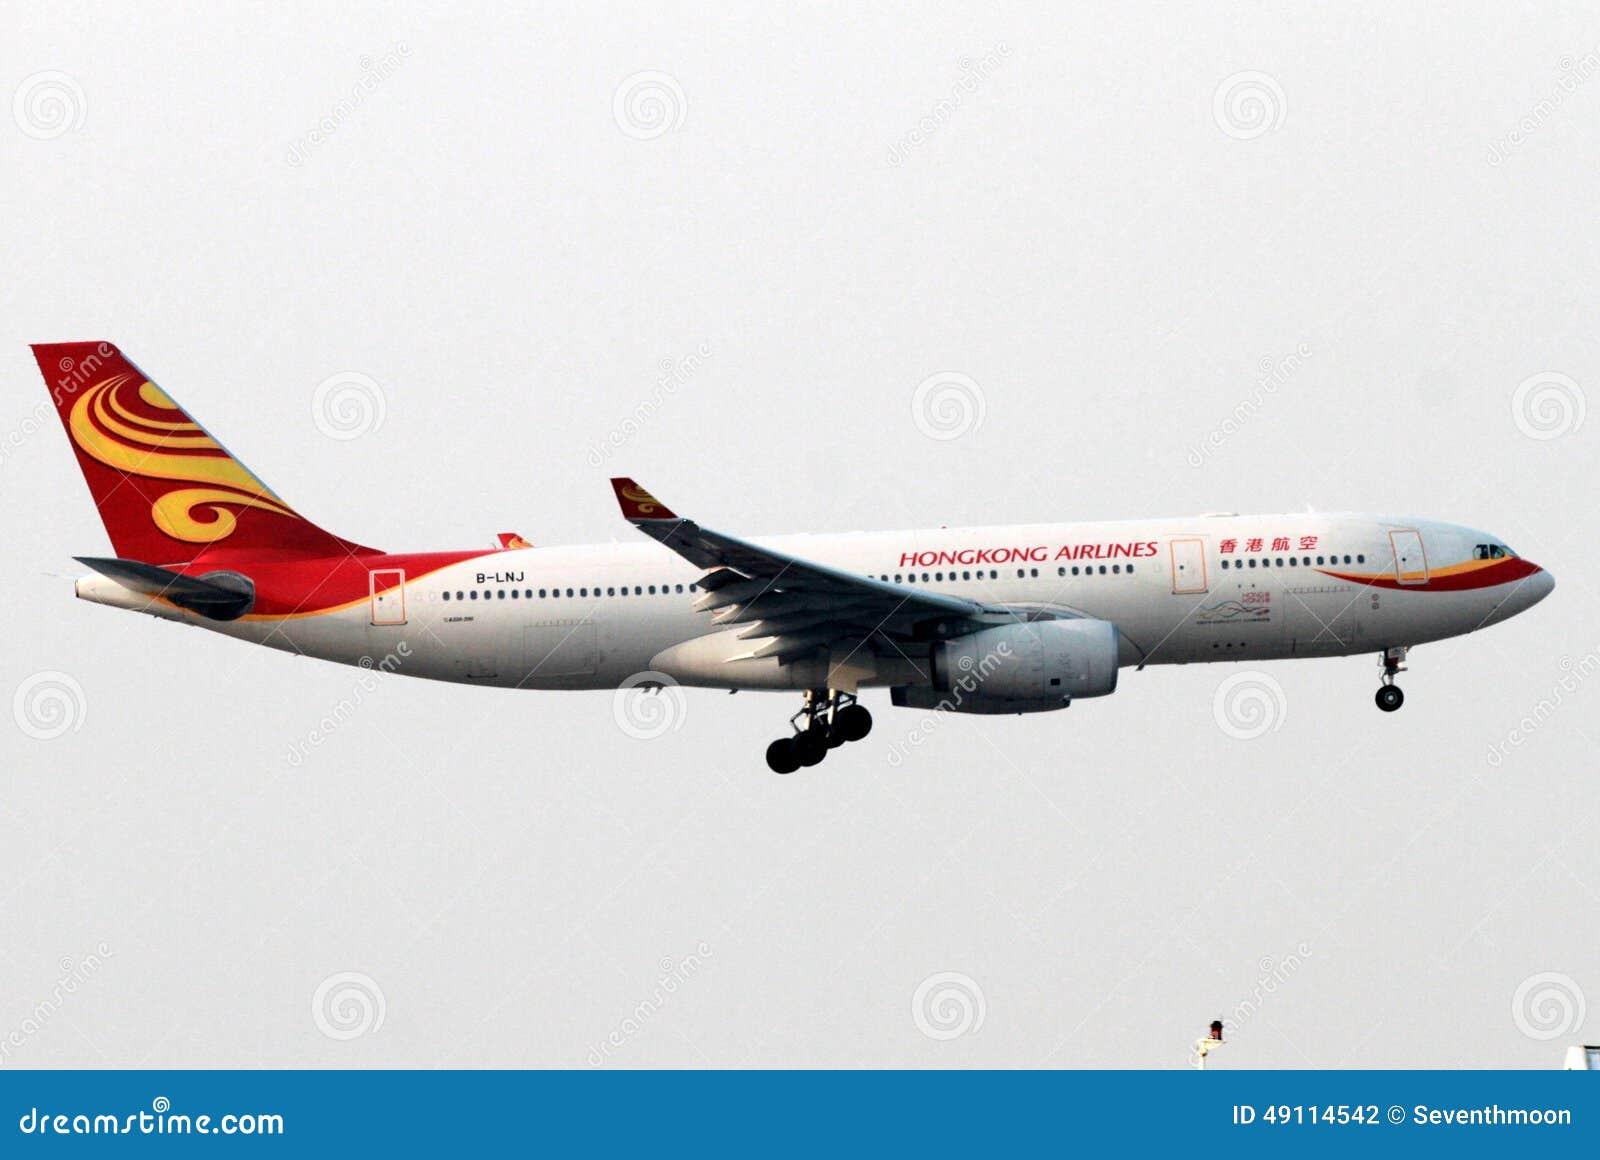 香港航空公司飞机